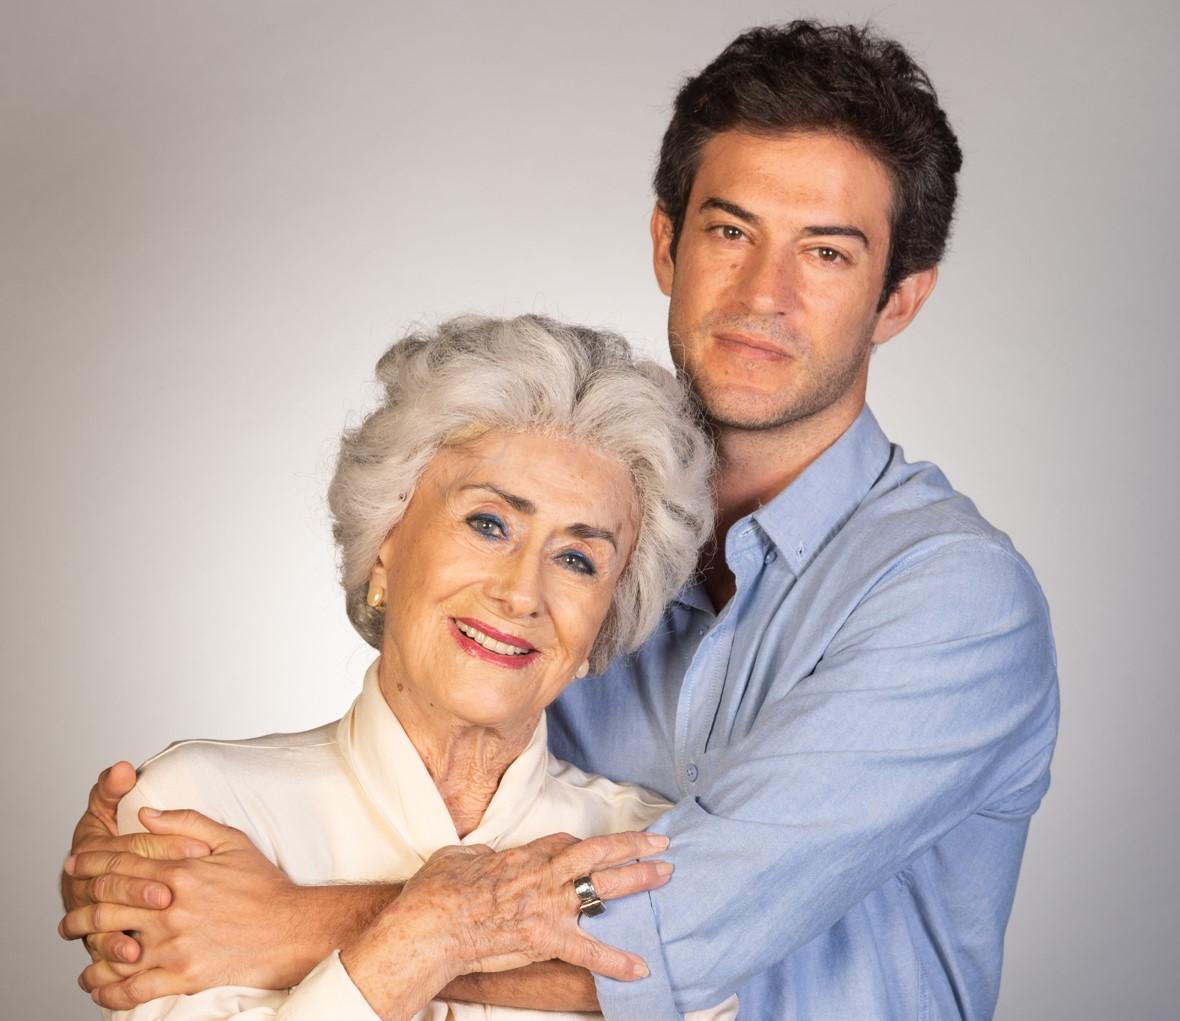 1נדב נייטס ומרים זוהר בהצגה הנכד בתיאטרון הקאמרי צילום גבריאל בהרליה